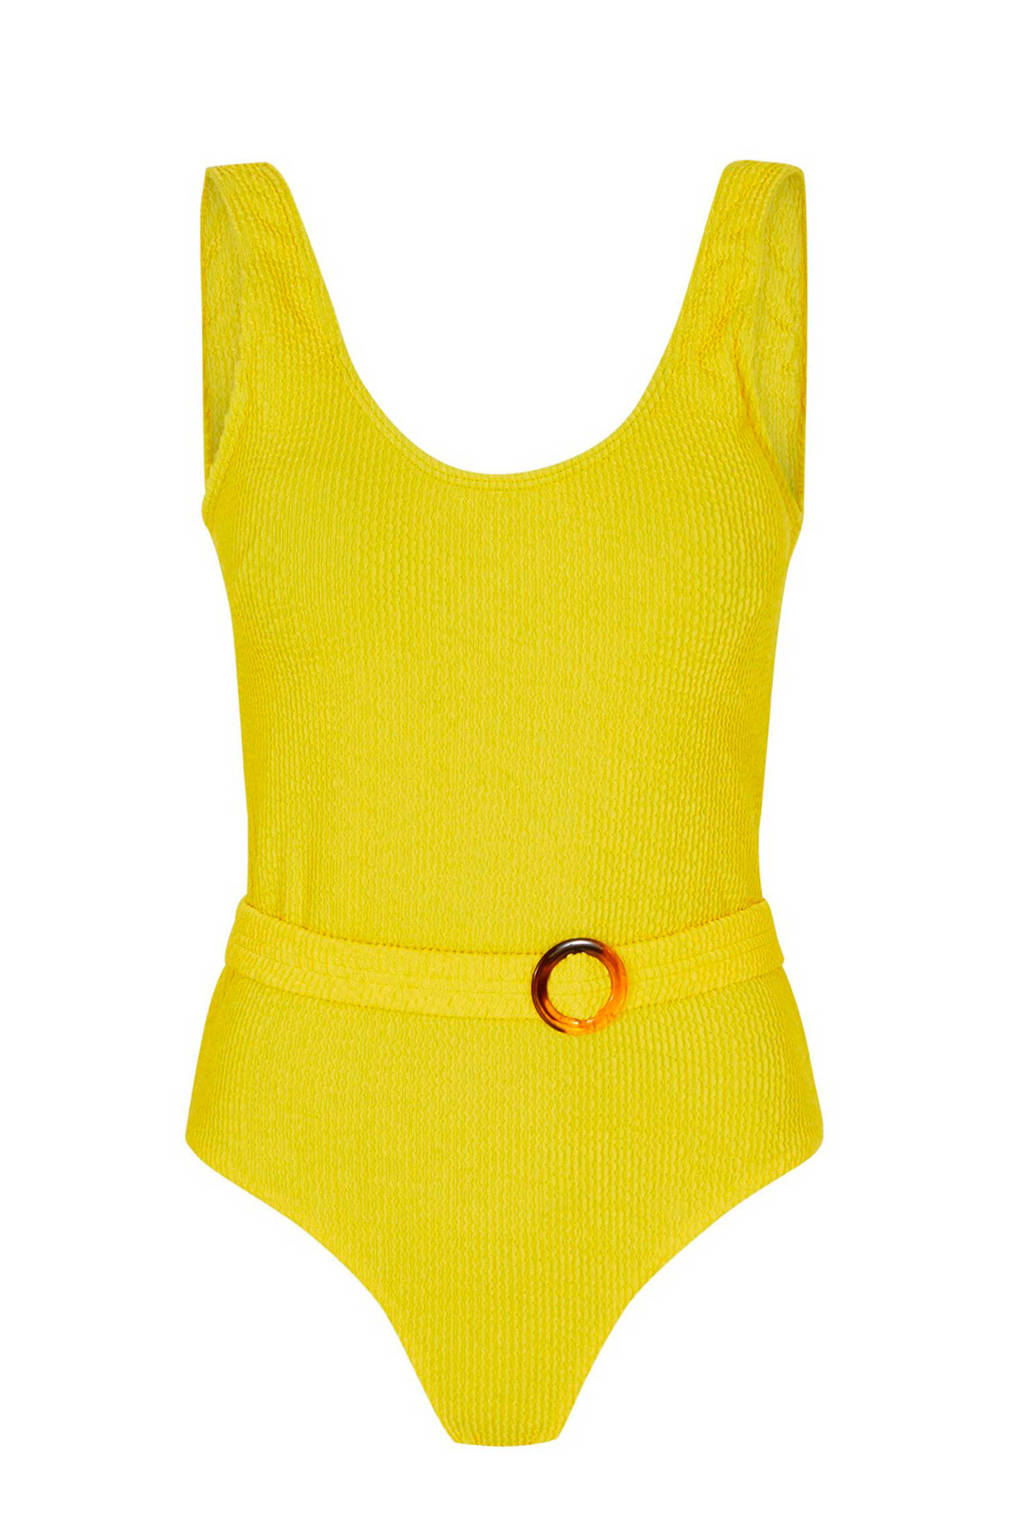 Y.A.S badpak met structuur geel, Geel